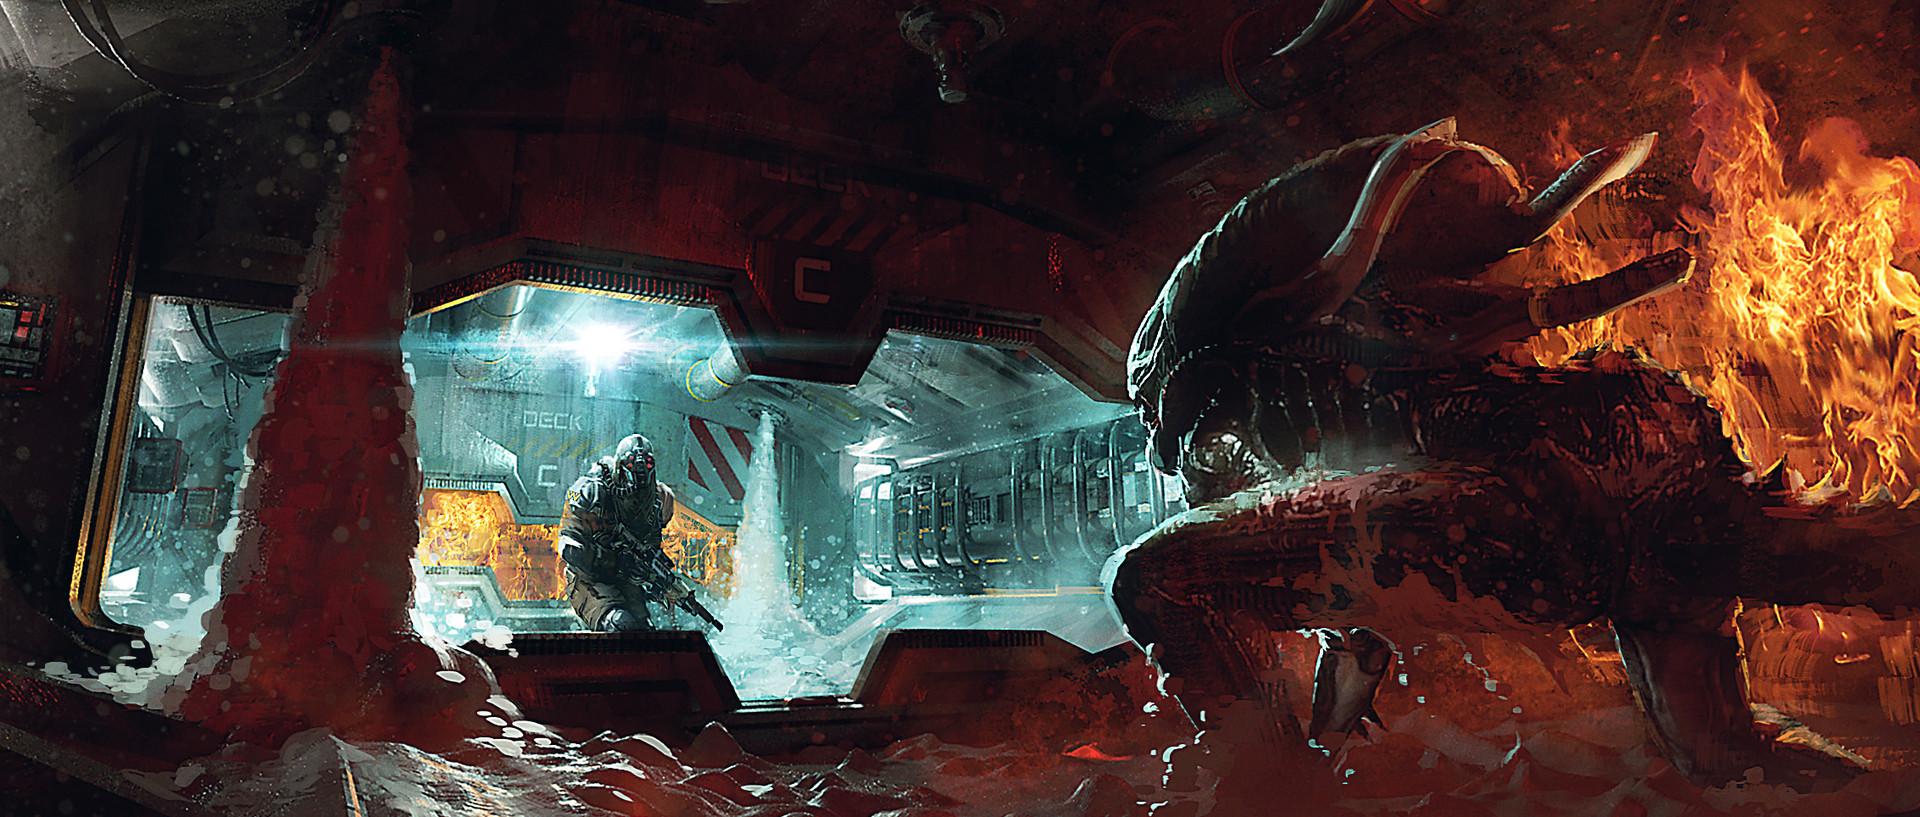 Joakim ericsson alien foam scene final x cut